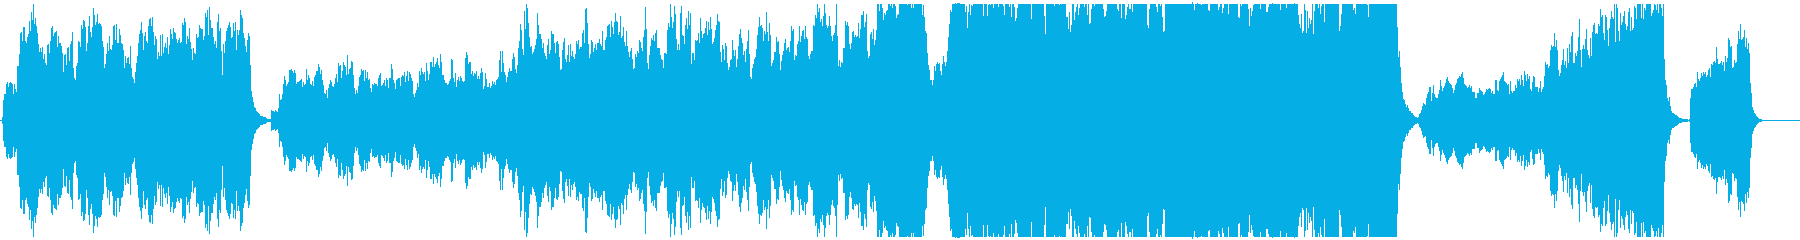 感動的なオーケストラ2の再生済みの波形